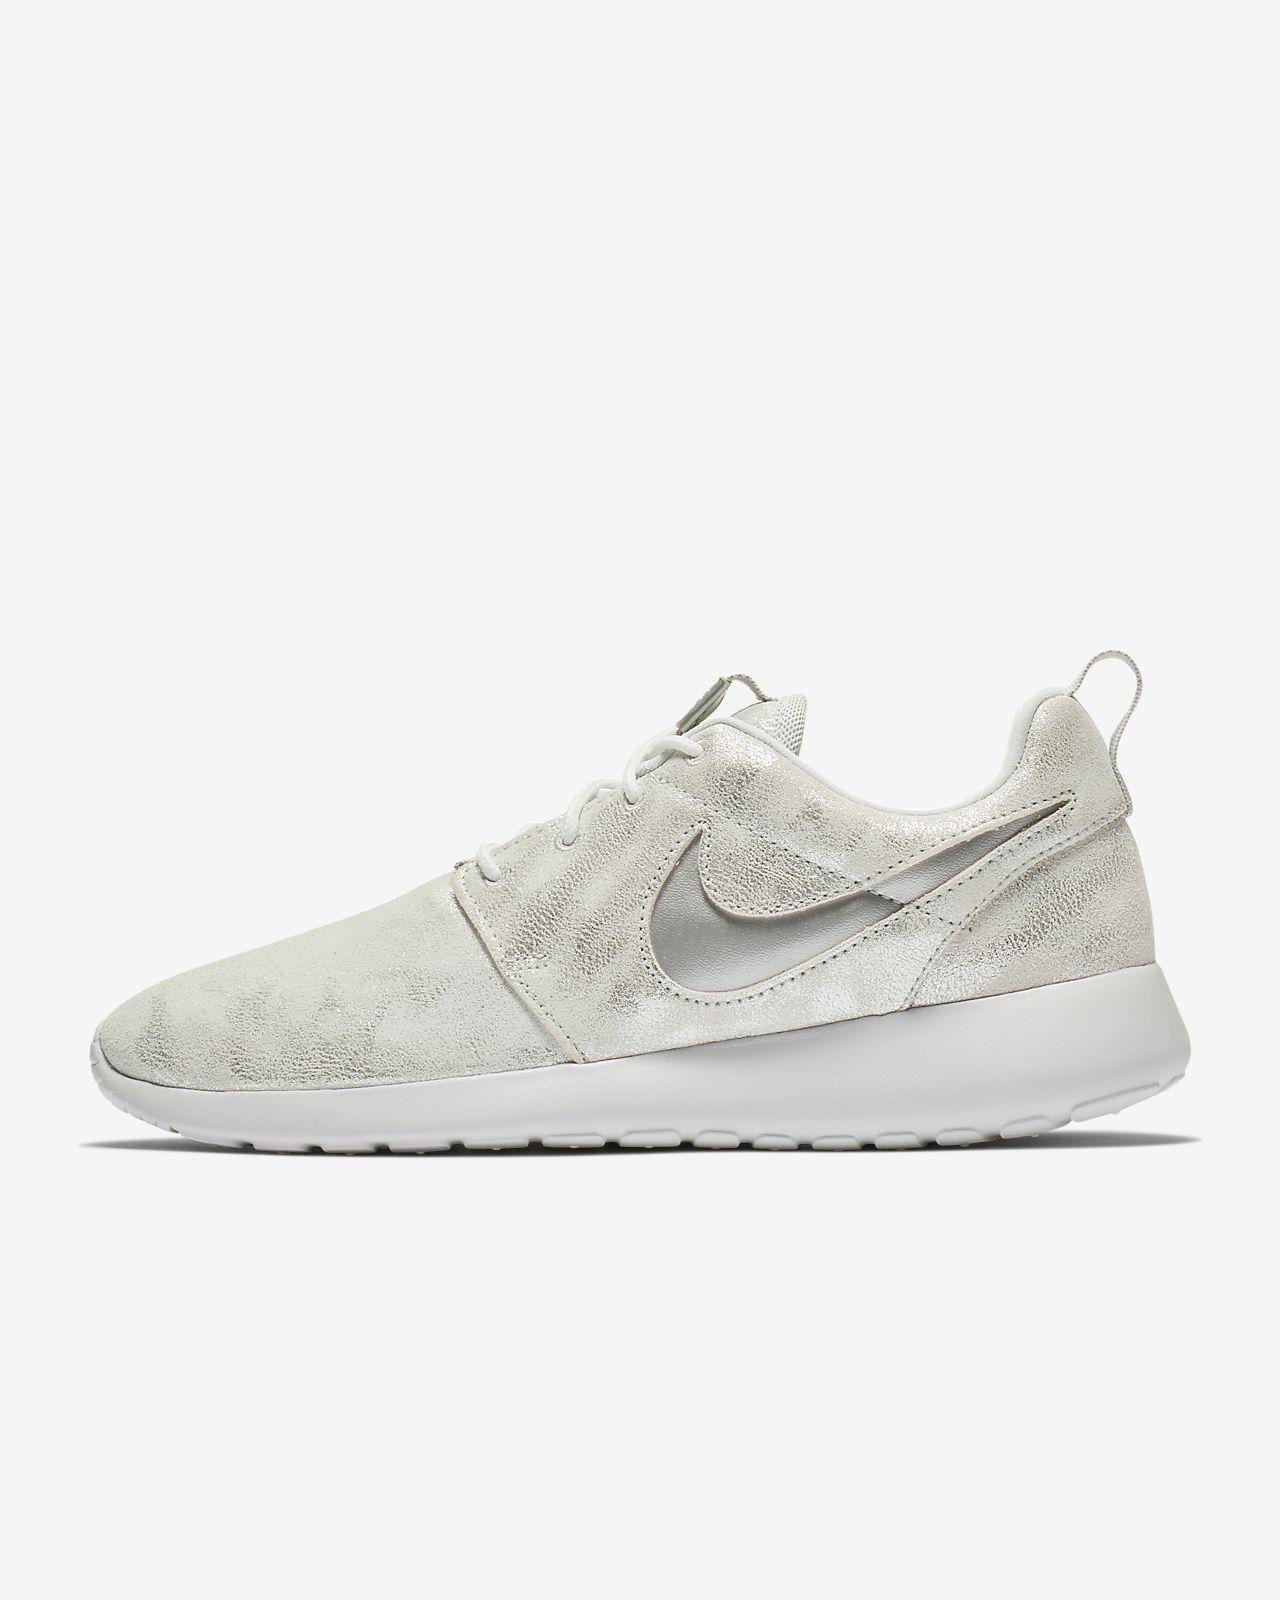 e60ae168535 ... where can i buy nike roshe one premium womens shoe 5924c e9620